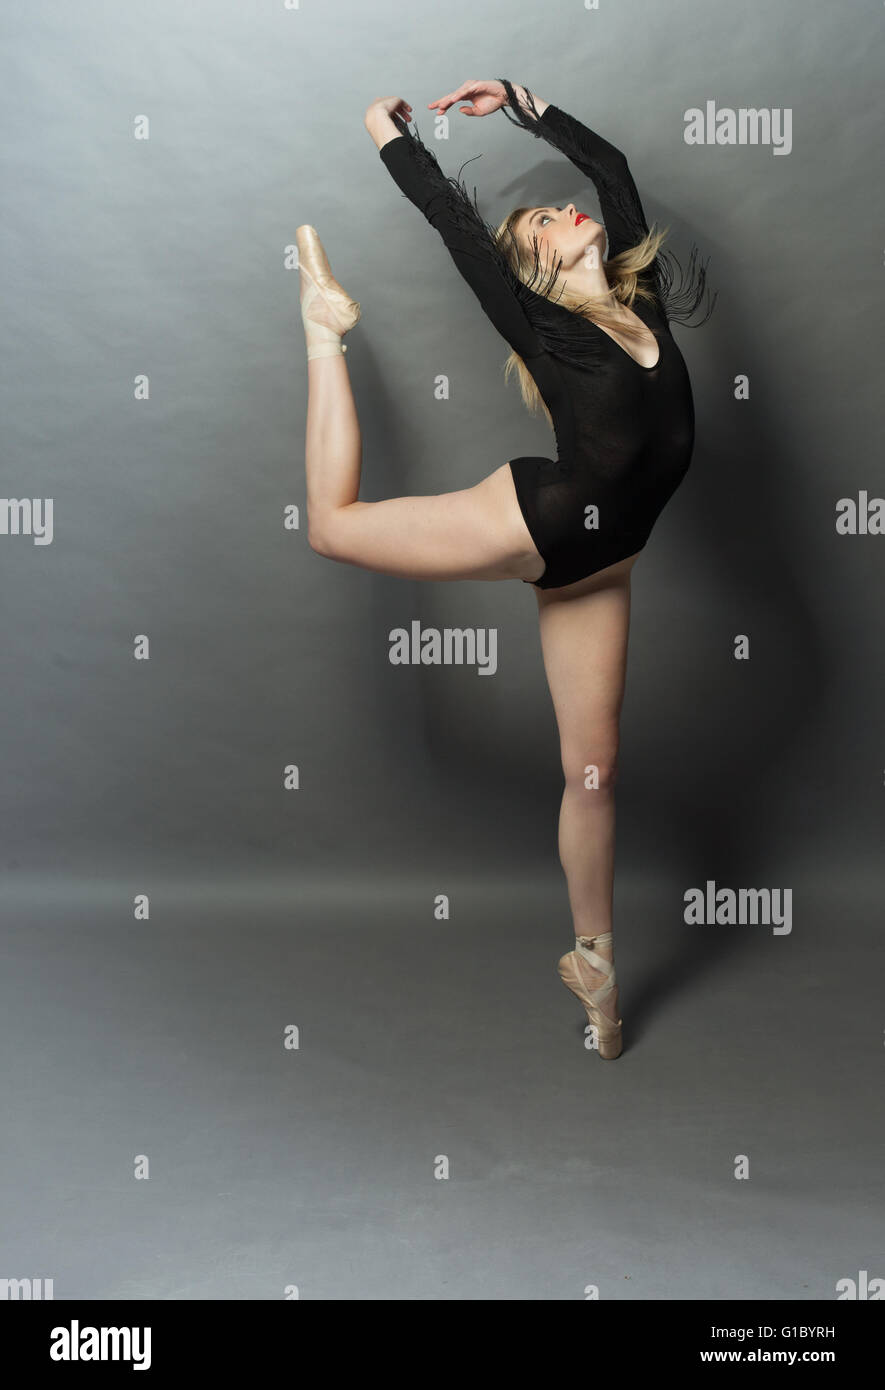 Bella bailarina de ballet haciendo un arabesco Imagen De Stock